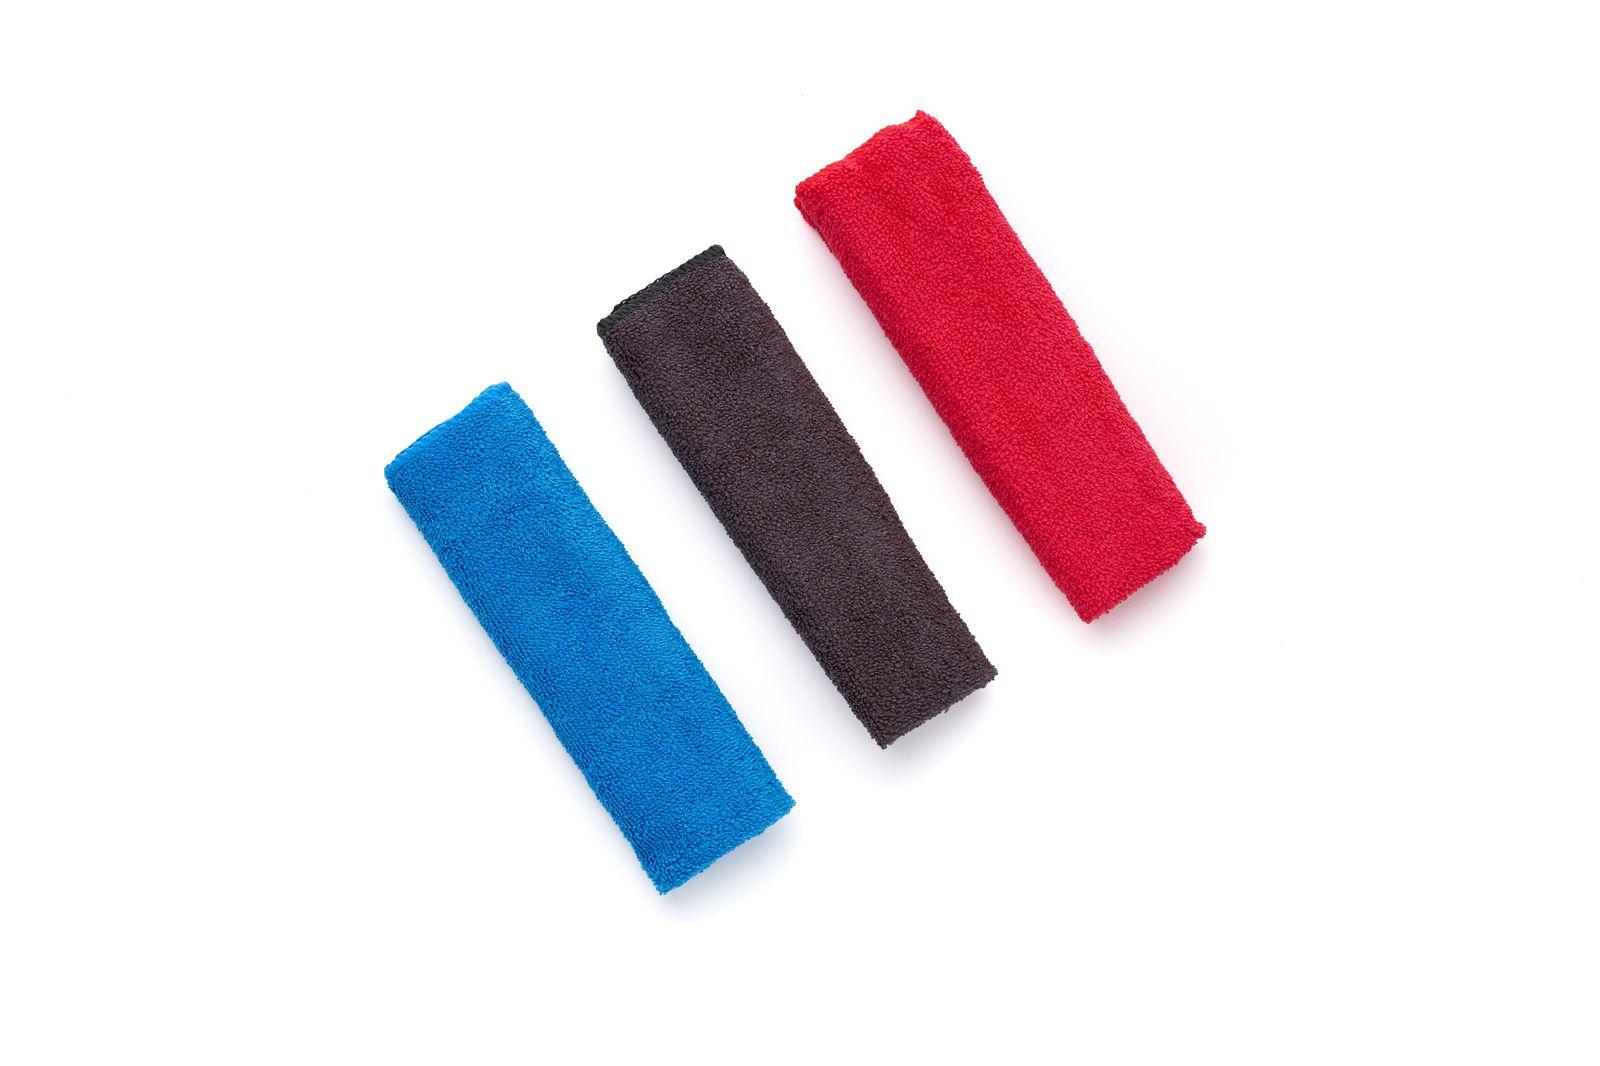 Салфетка из микрофибры ELITE 3шт разноцвет. 30*40см ELITE по цене 322